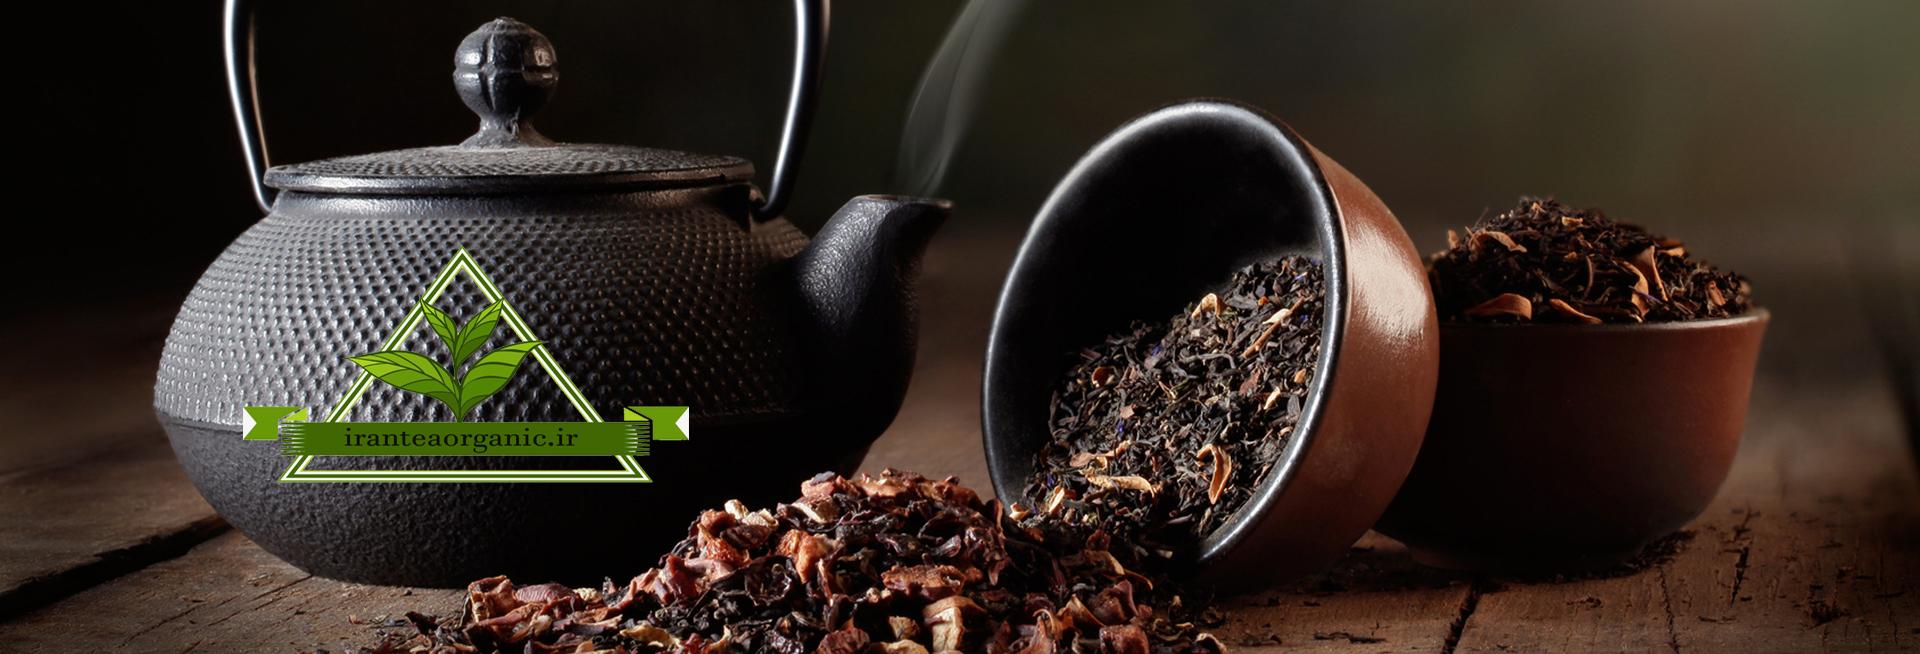 فروش اینترنتی چای فله ایرانی